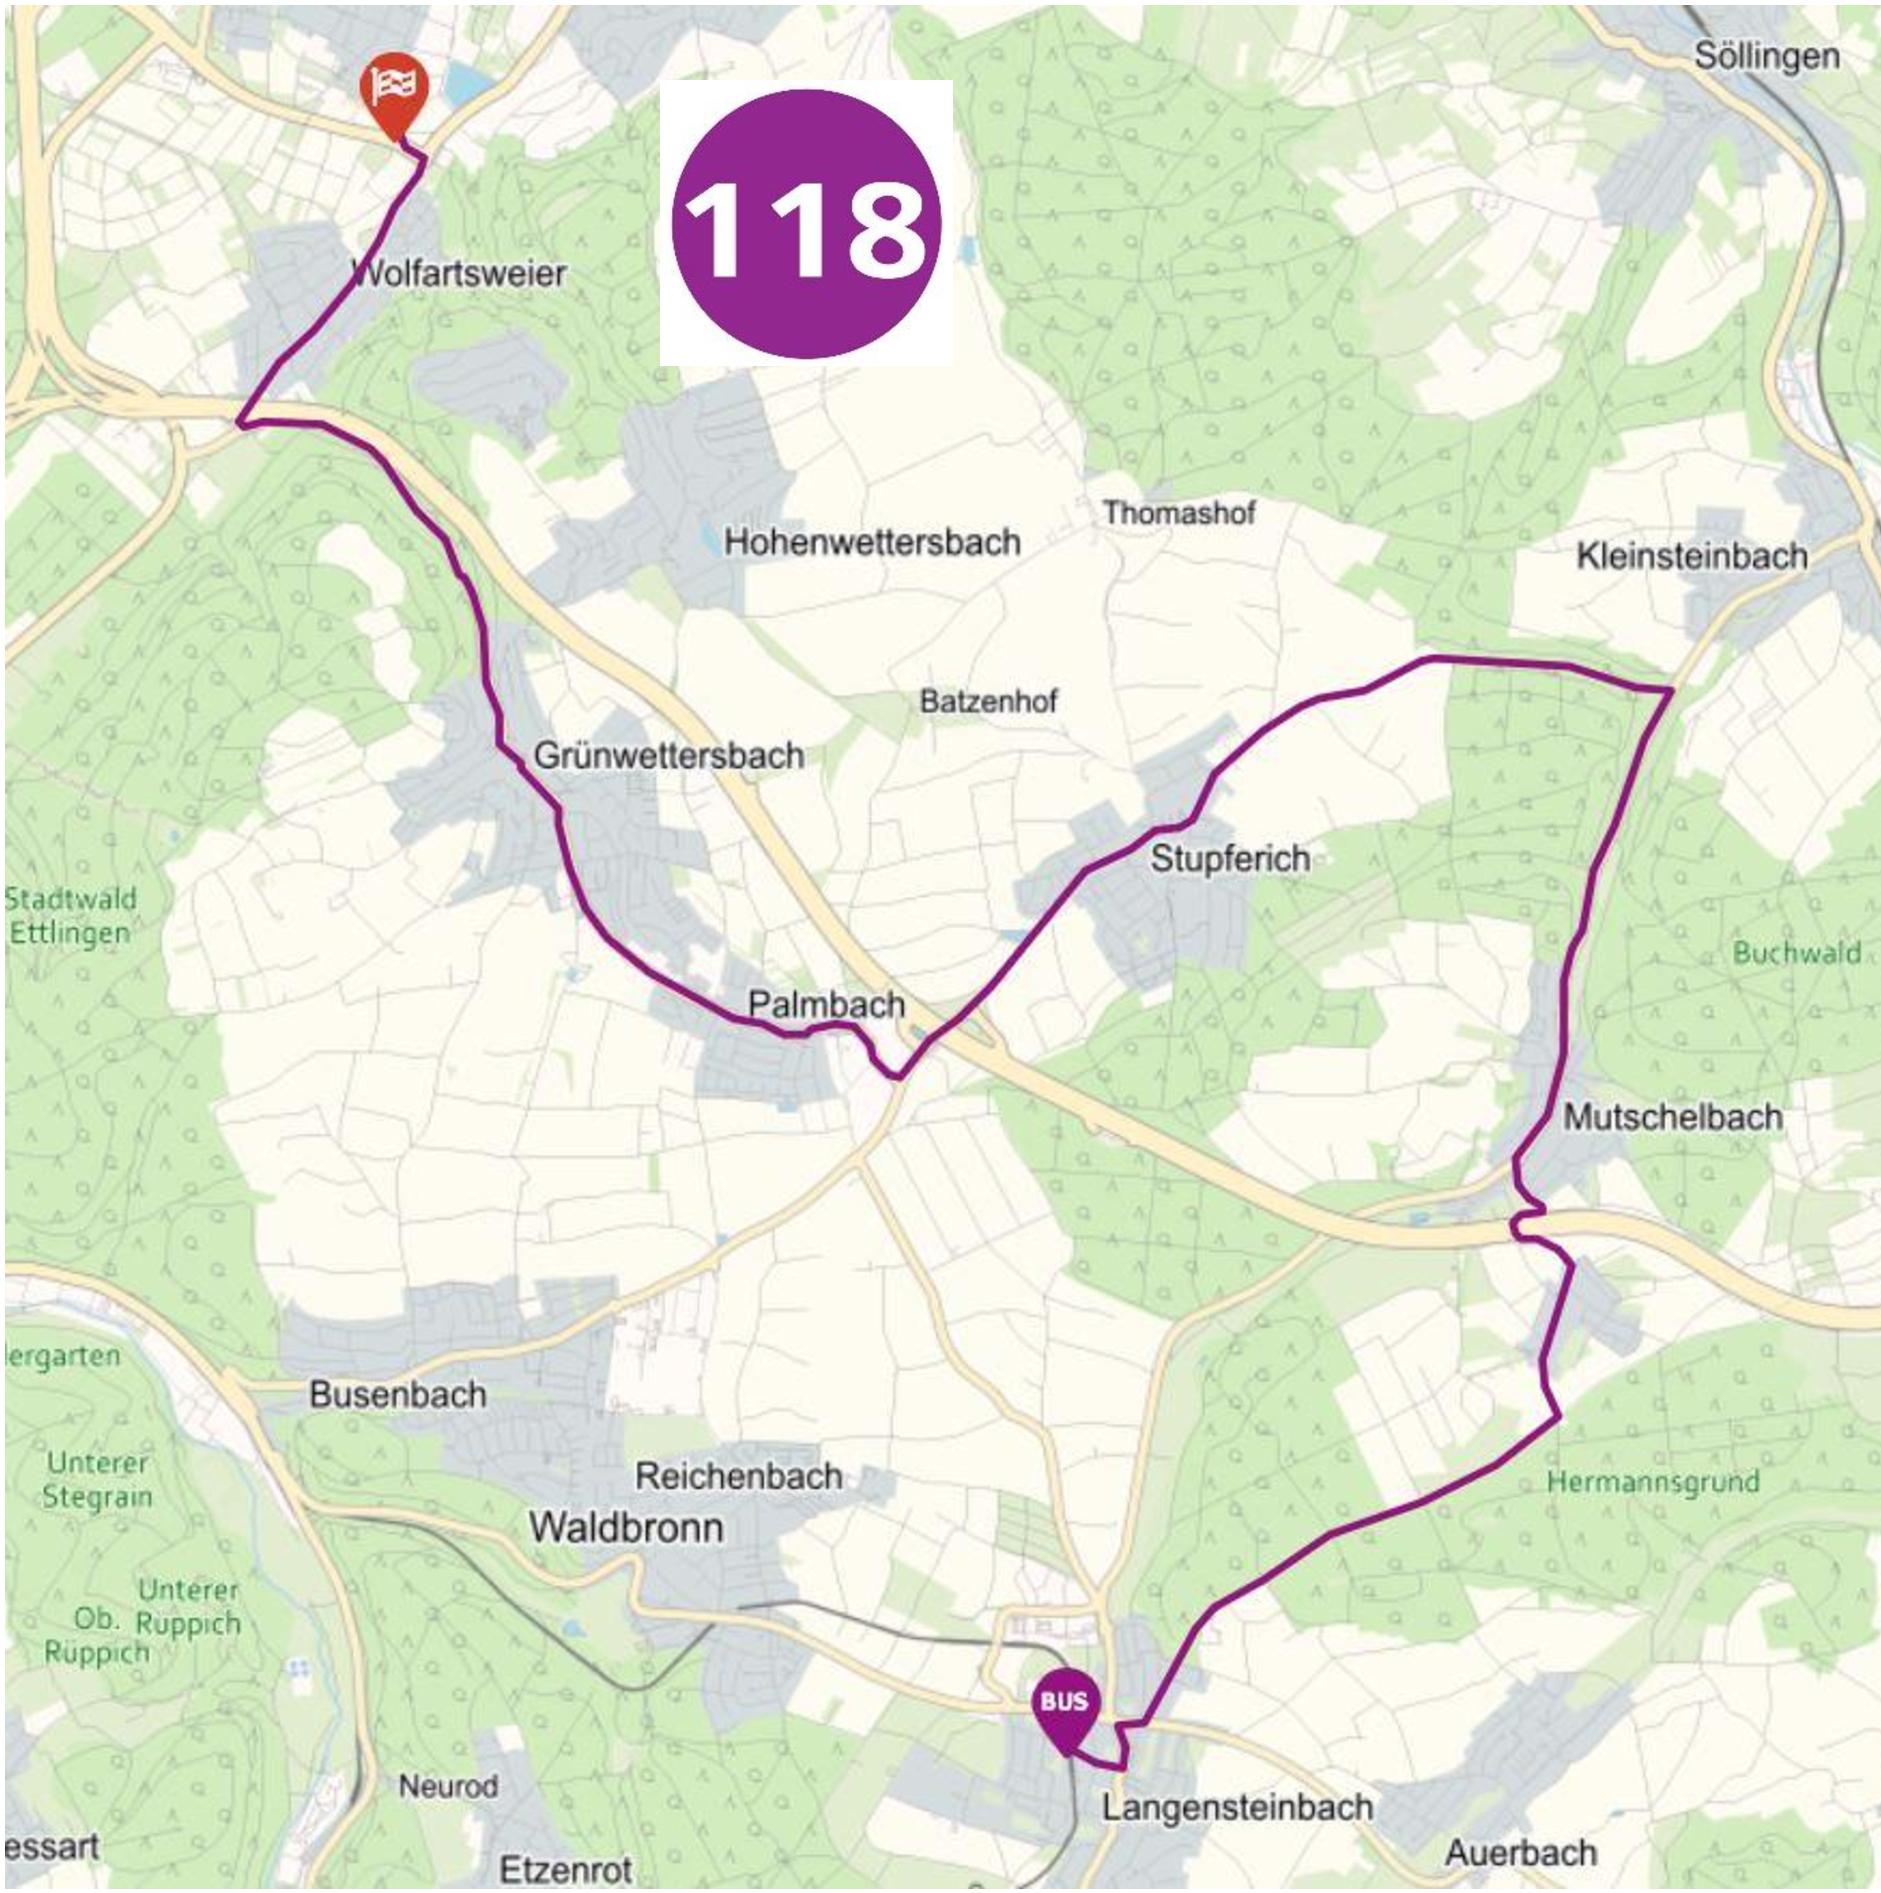 Buslinie 118 Langensteinbach - Zündhütle